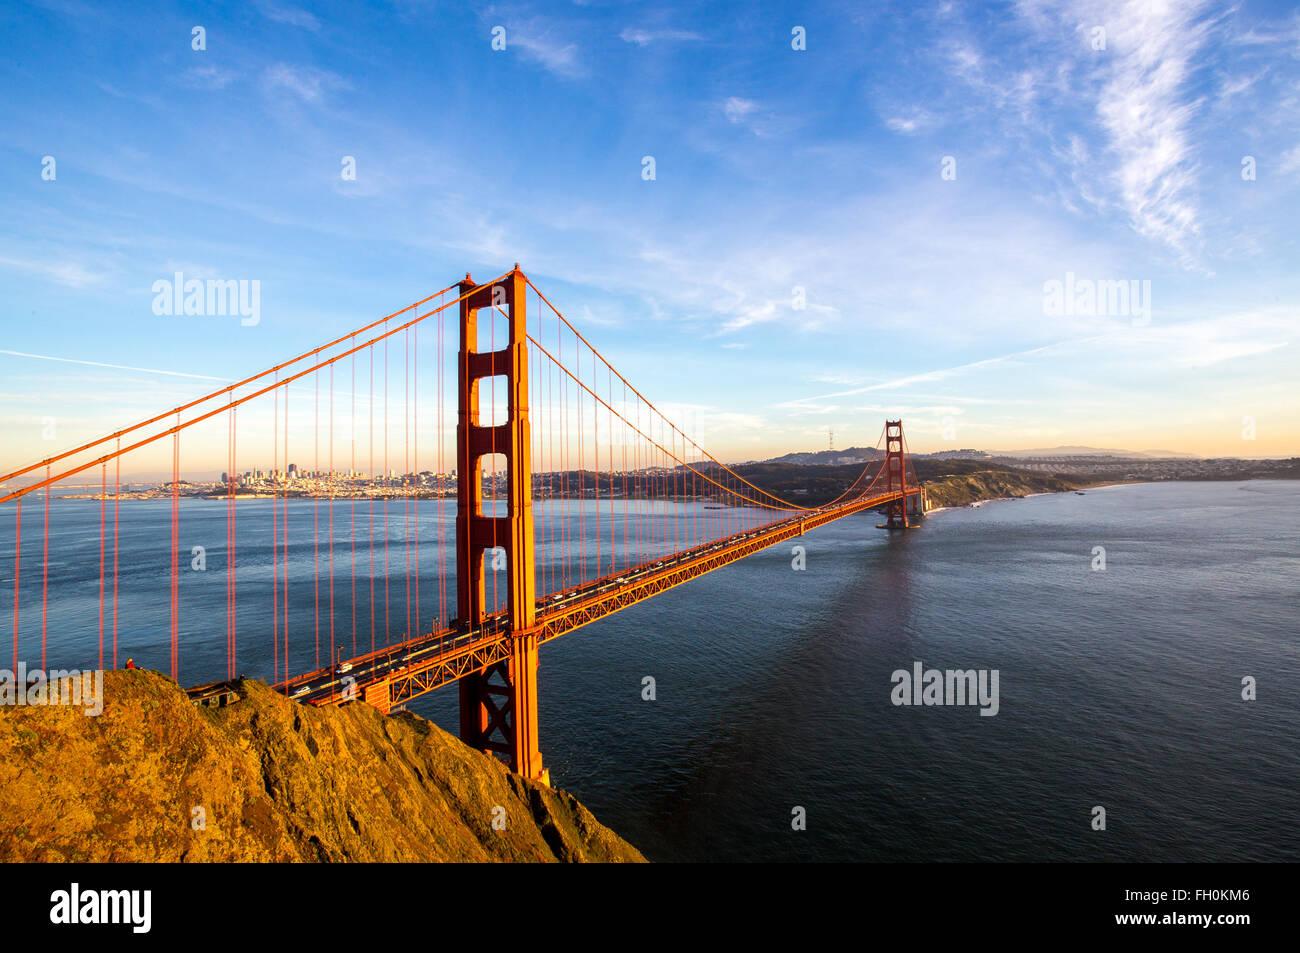 Sonnigen blauen Himmel über der San Francisco Skyline mit der berühmten Golden Gate Bridge Stockbild